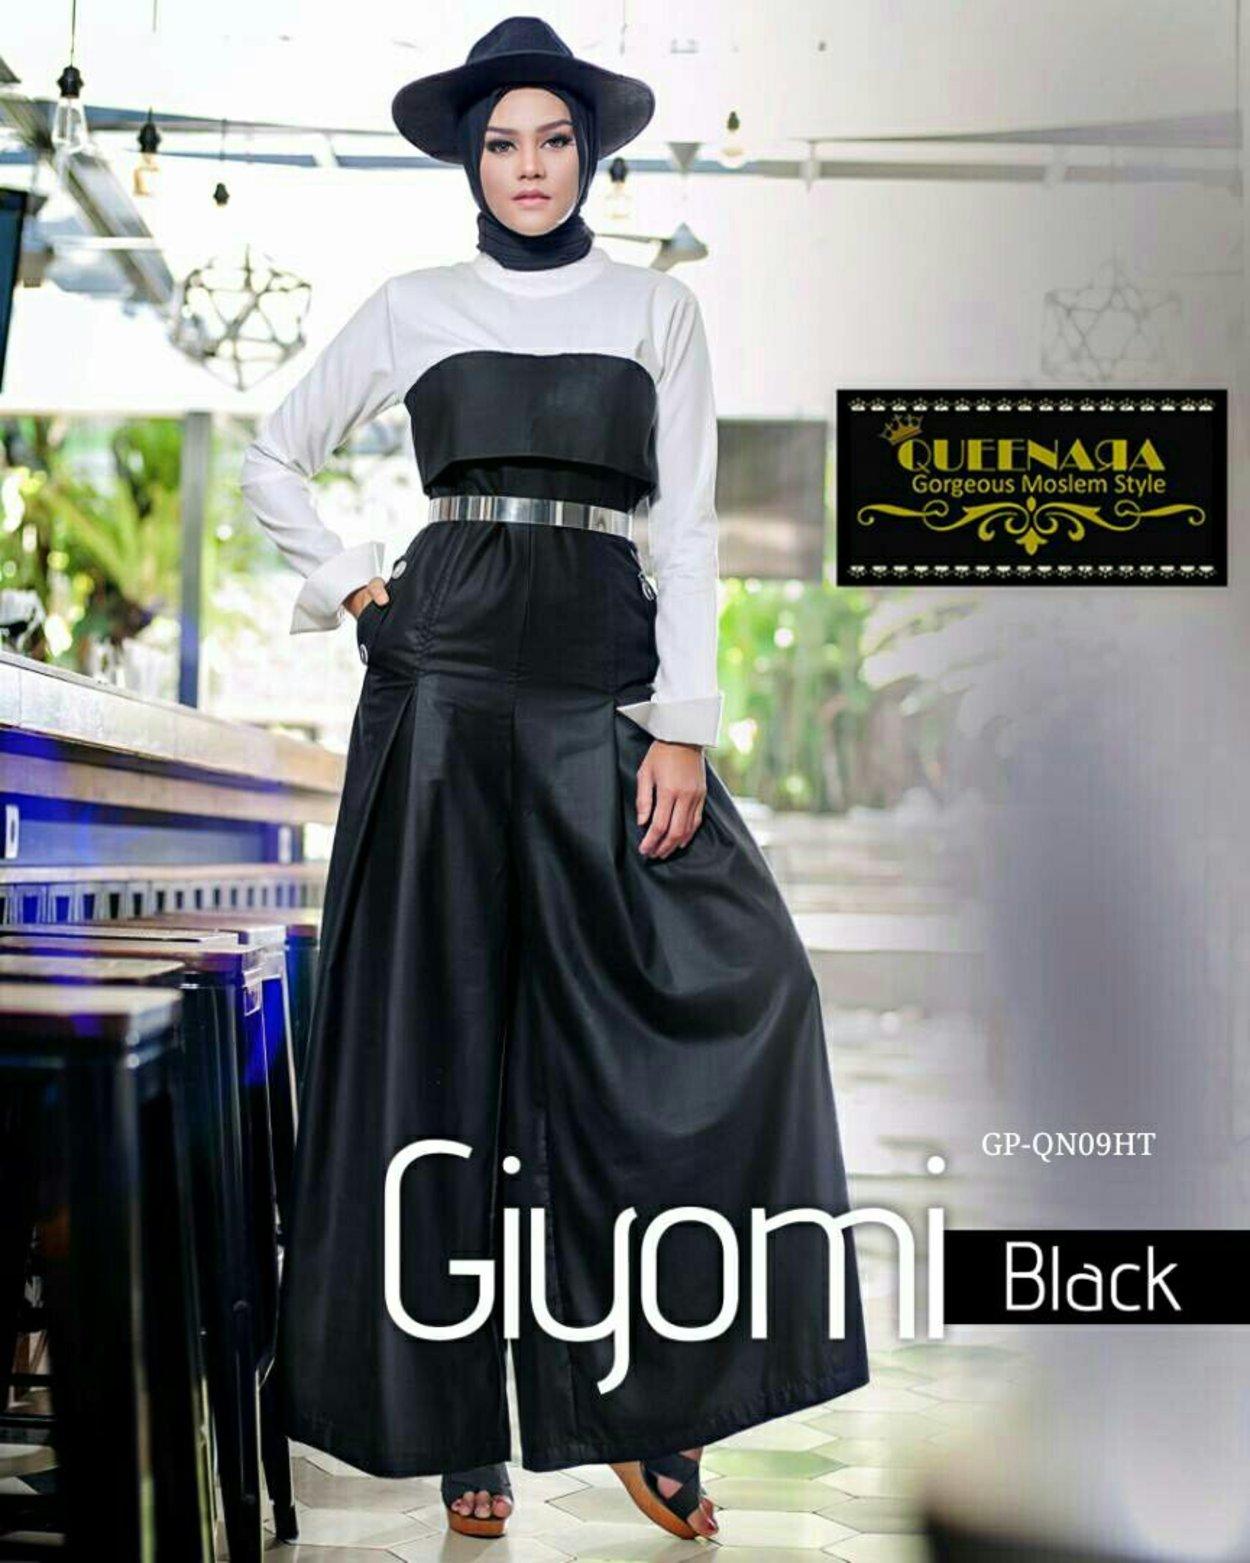 Giyomi hitam